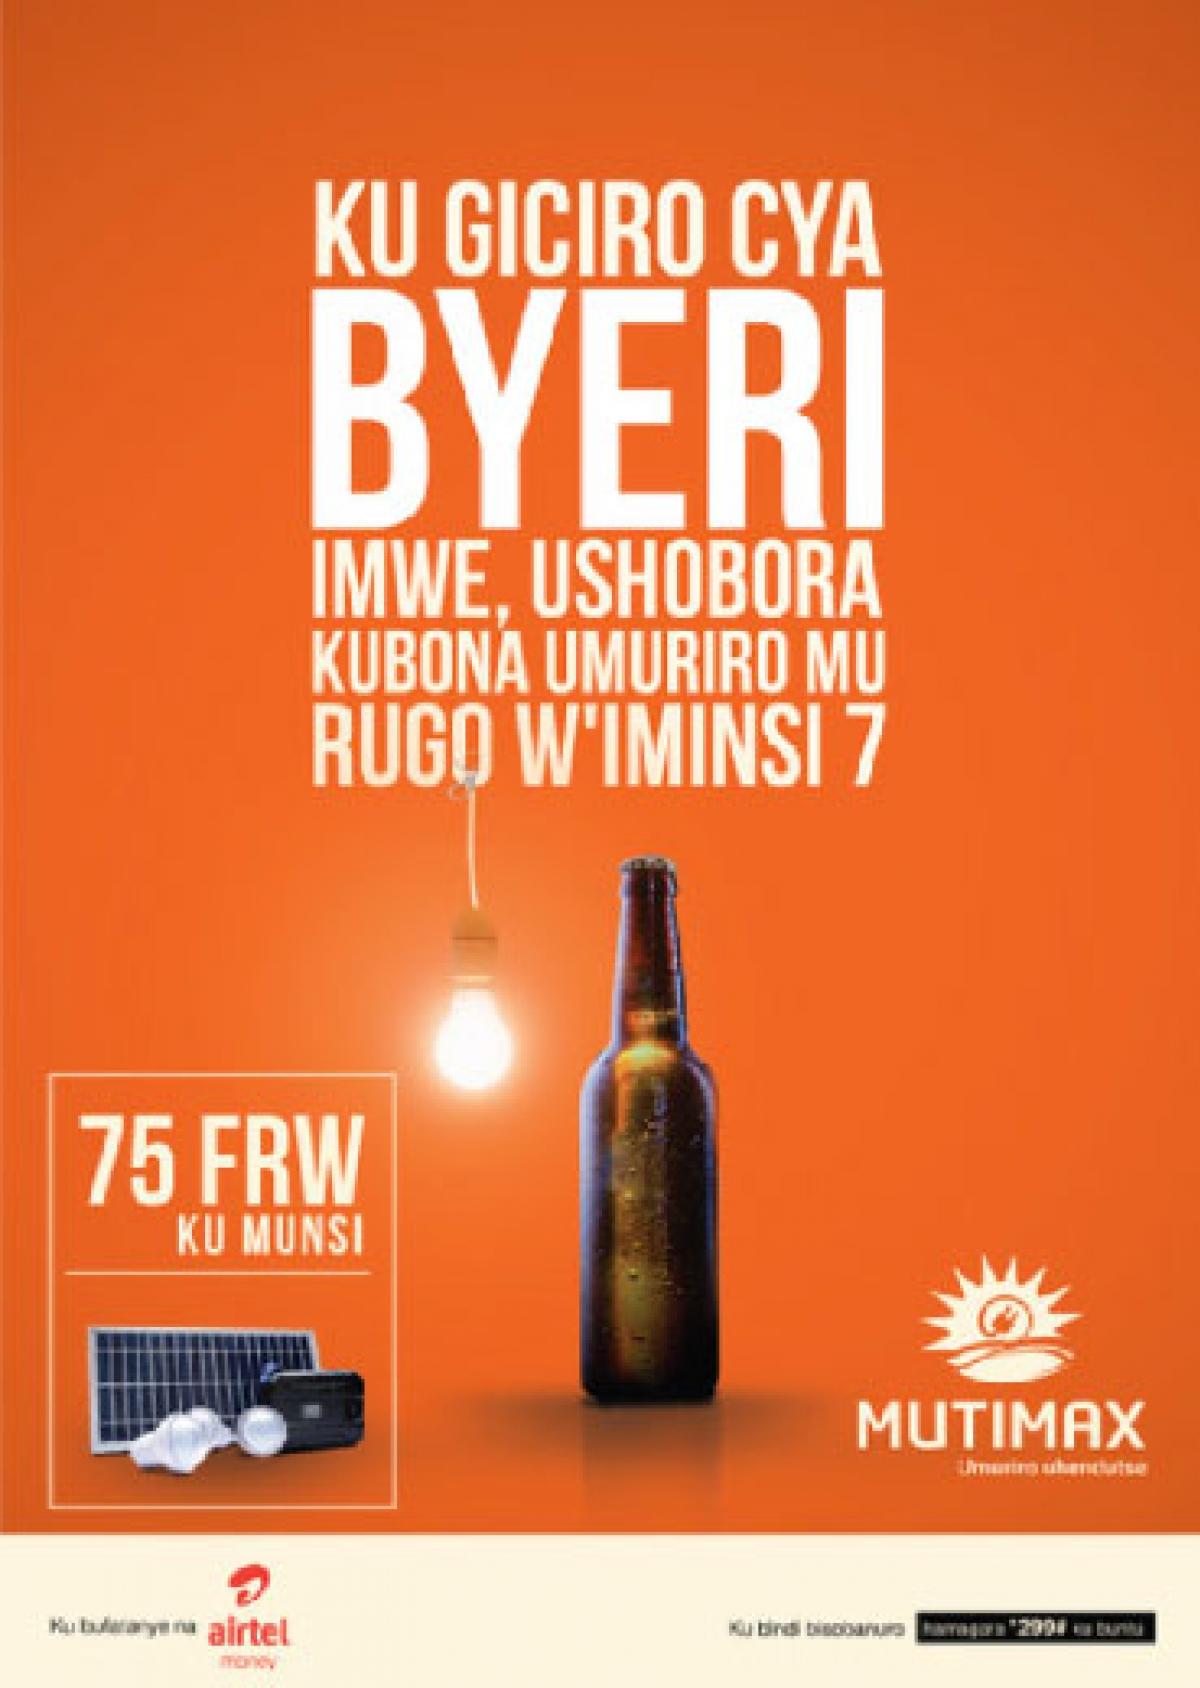 mutimax_beer_1